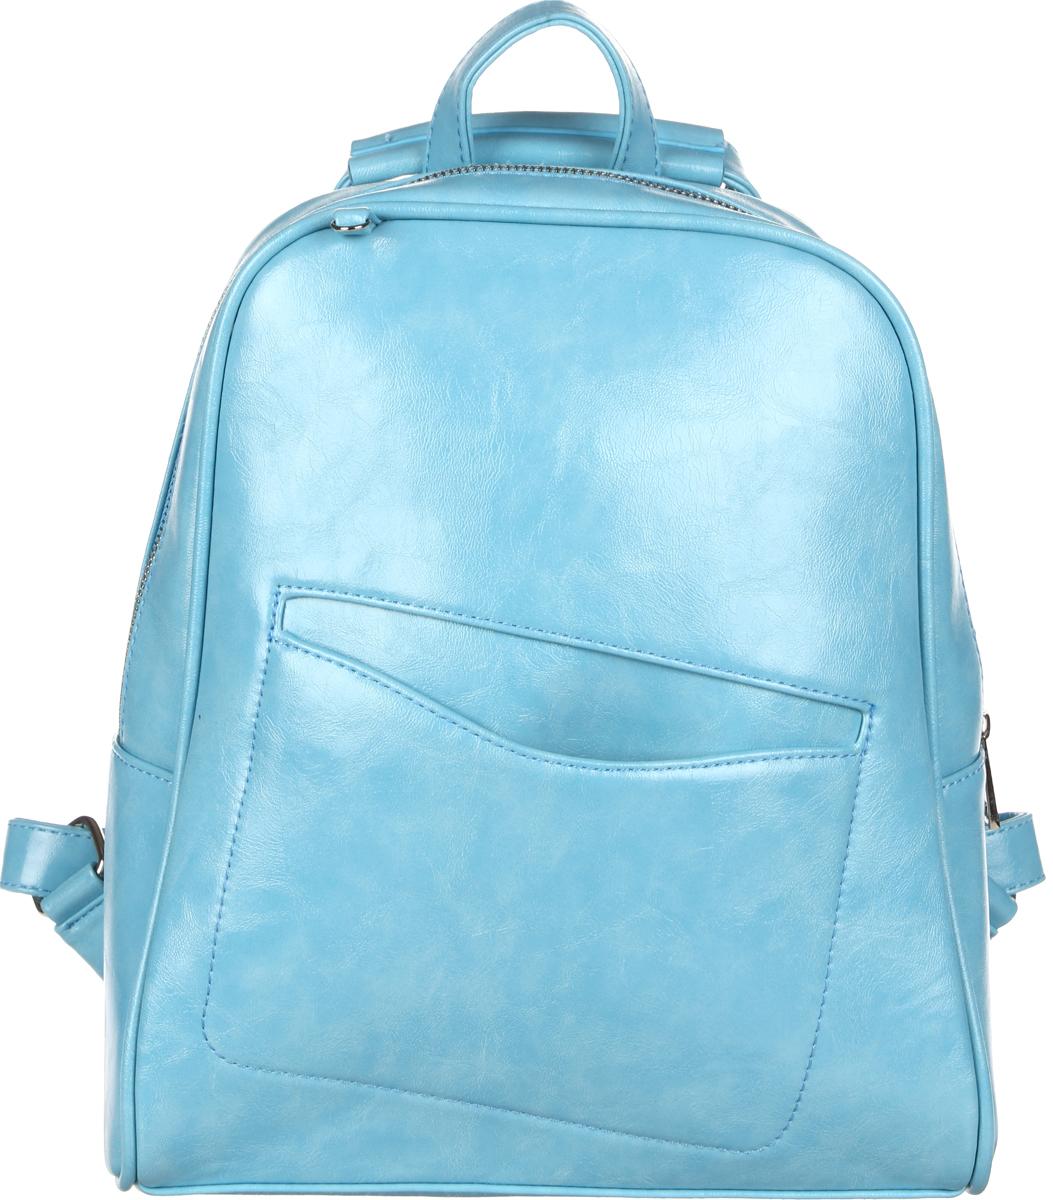 Рюкзак женский OrsOro, цвет: мятный, голубой, 28 x 32 x 10 см. DS-845/2